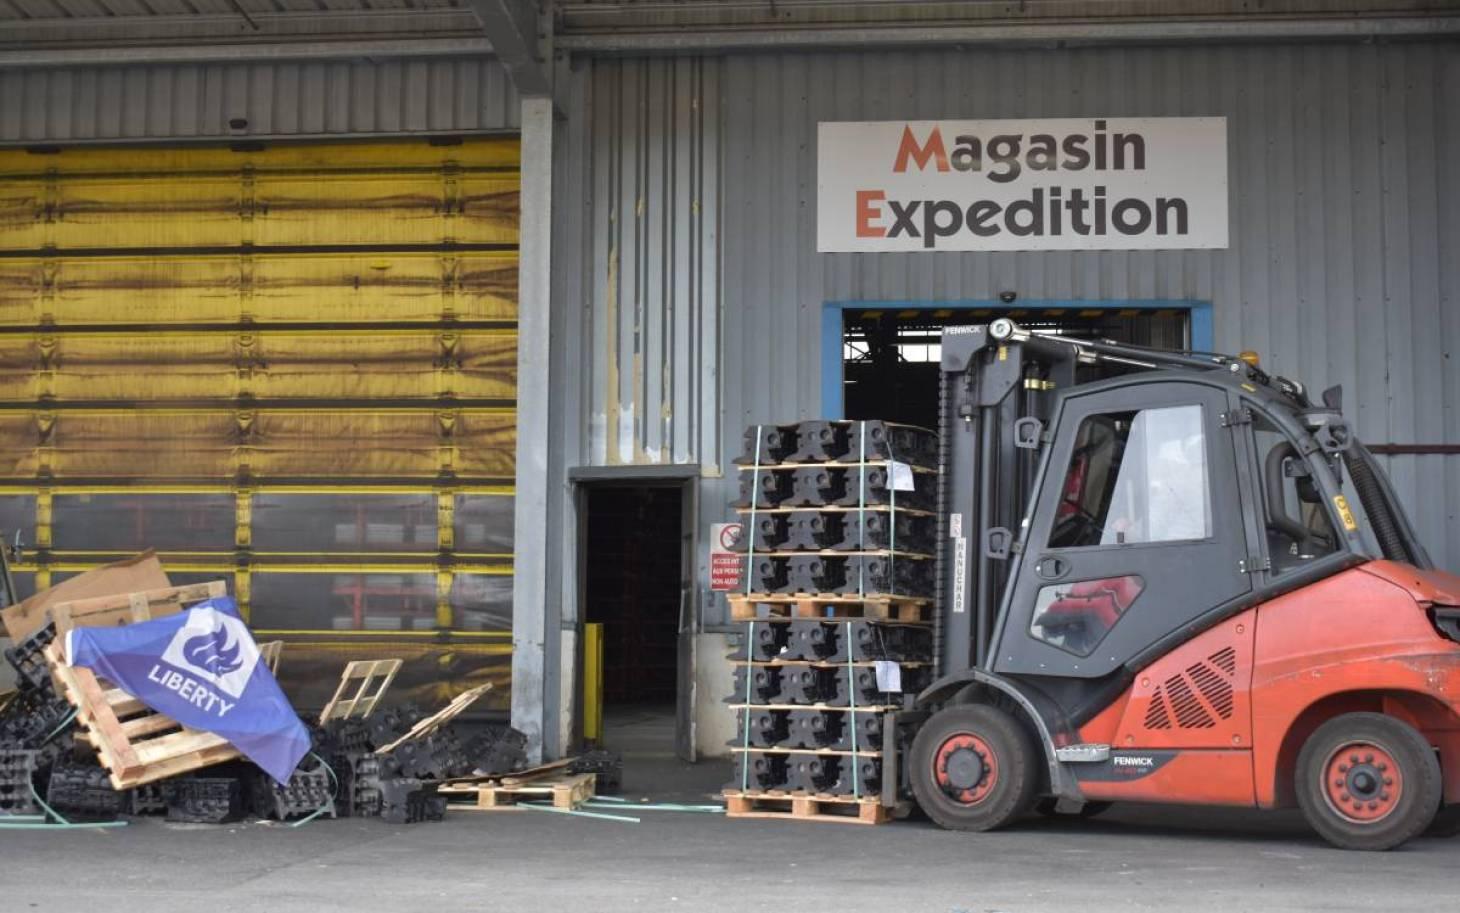 Fonderie fonte - Les salariés bloquent les expéditions